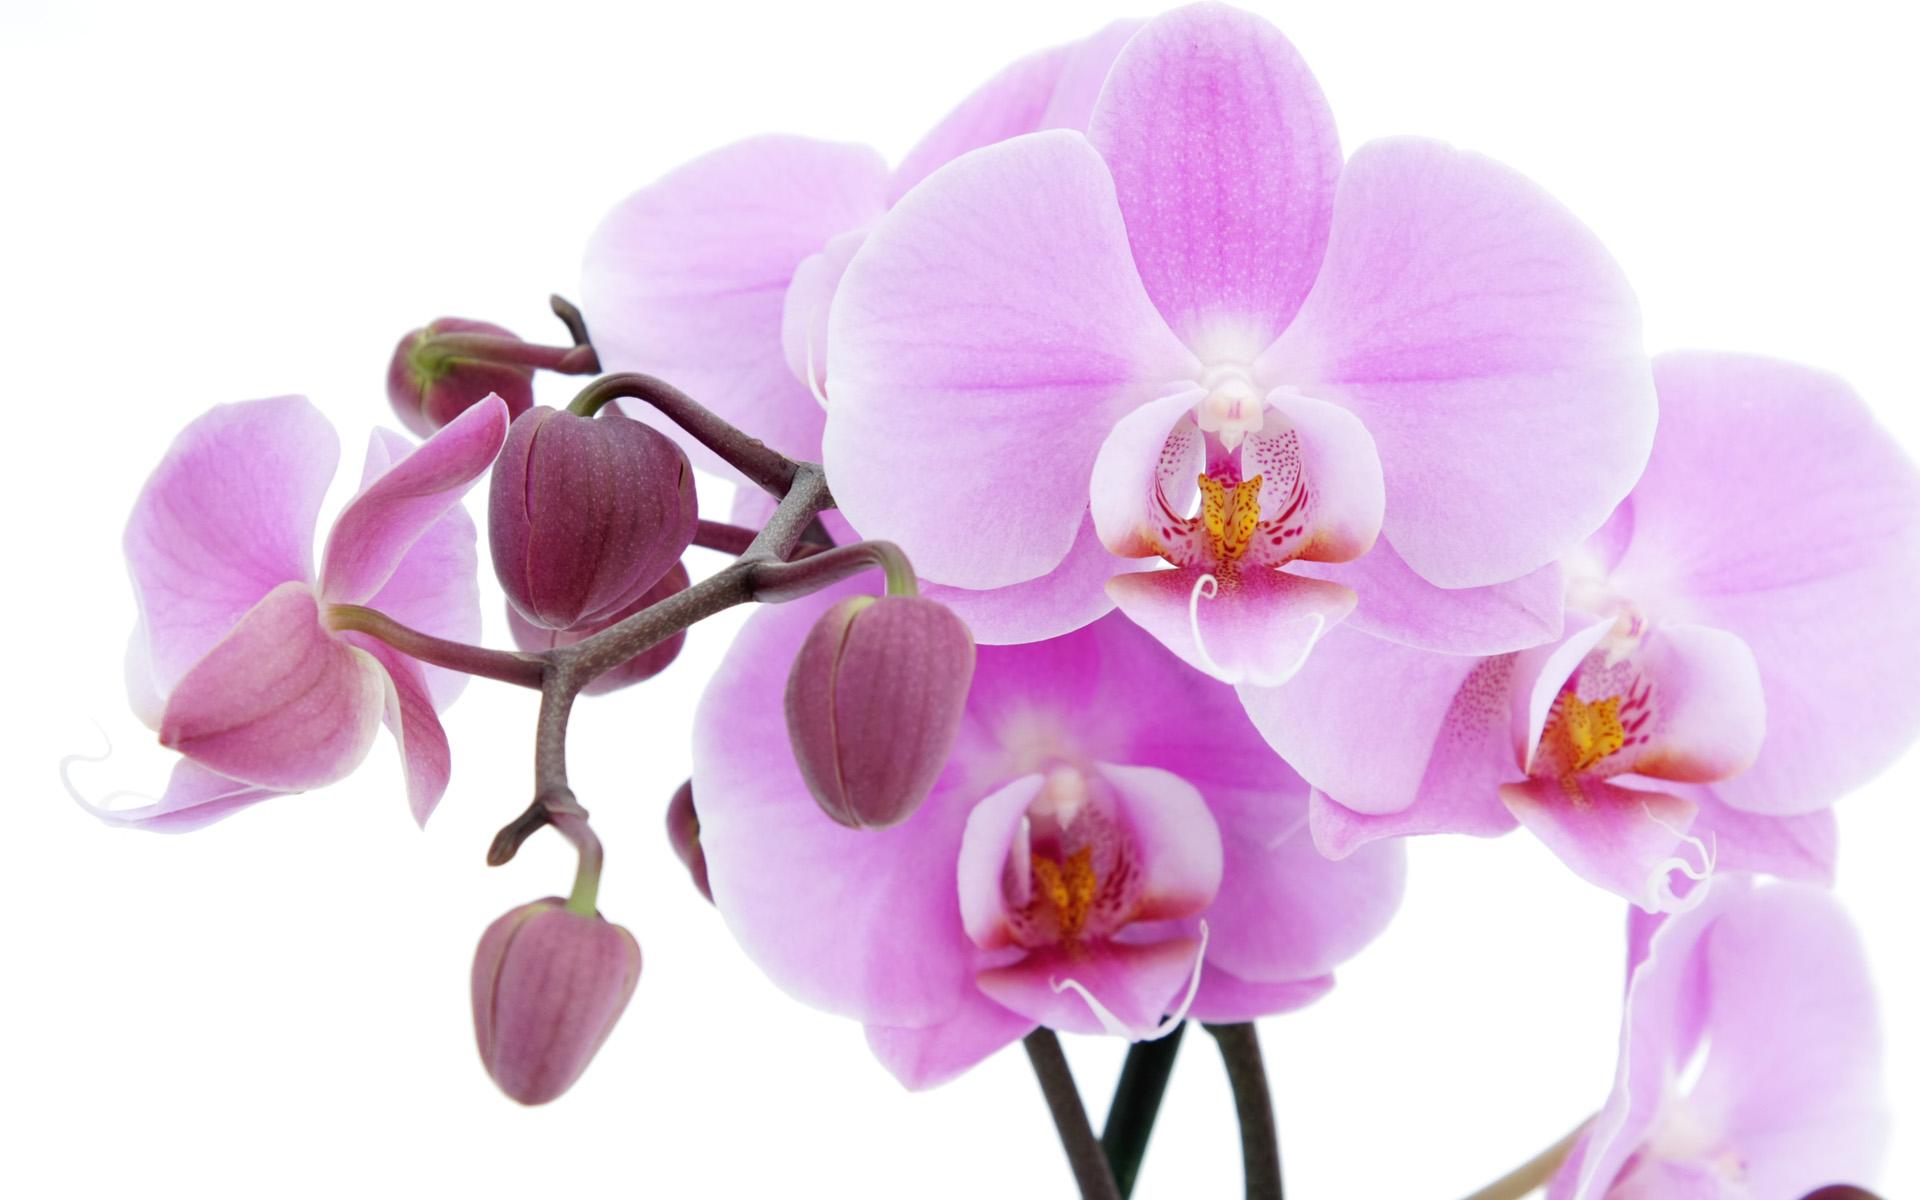 открытка с белыми орхидеями морского коктейля